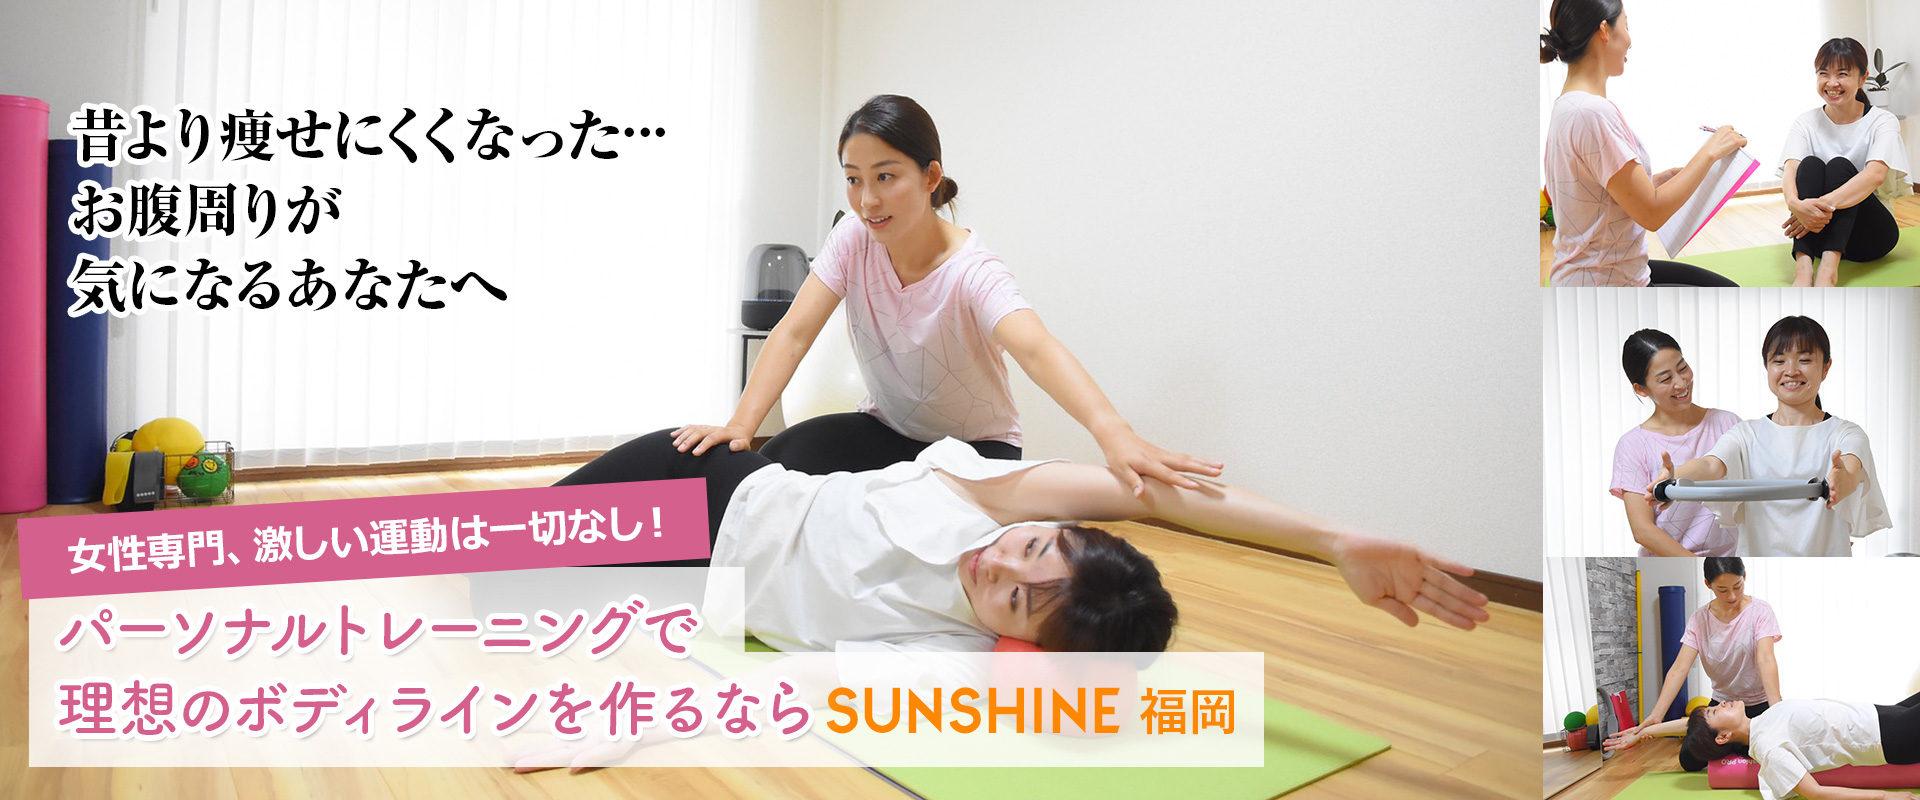 天神・薬院女性専門パーソナルトレーニング・ピラティス Sunshine